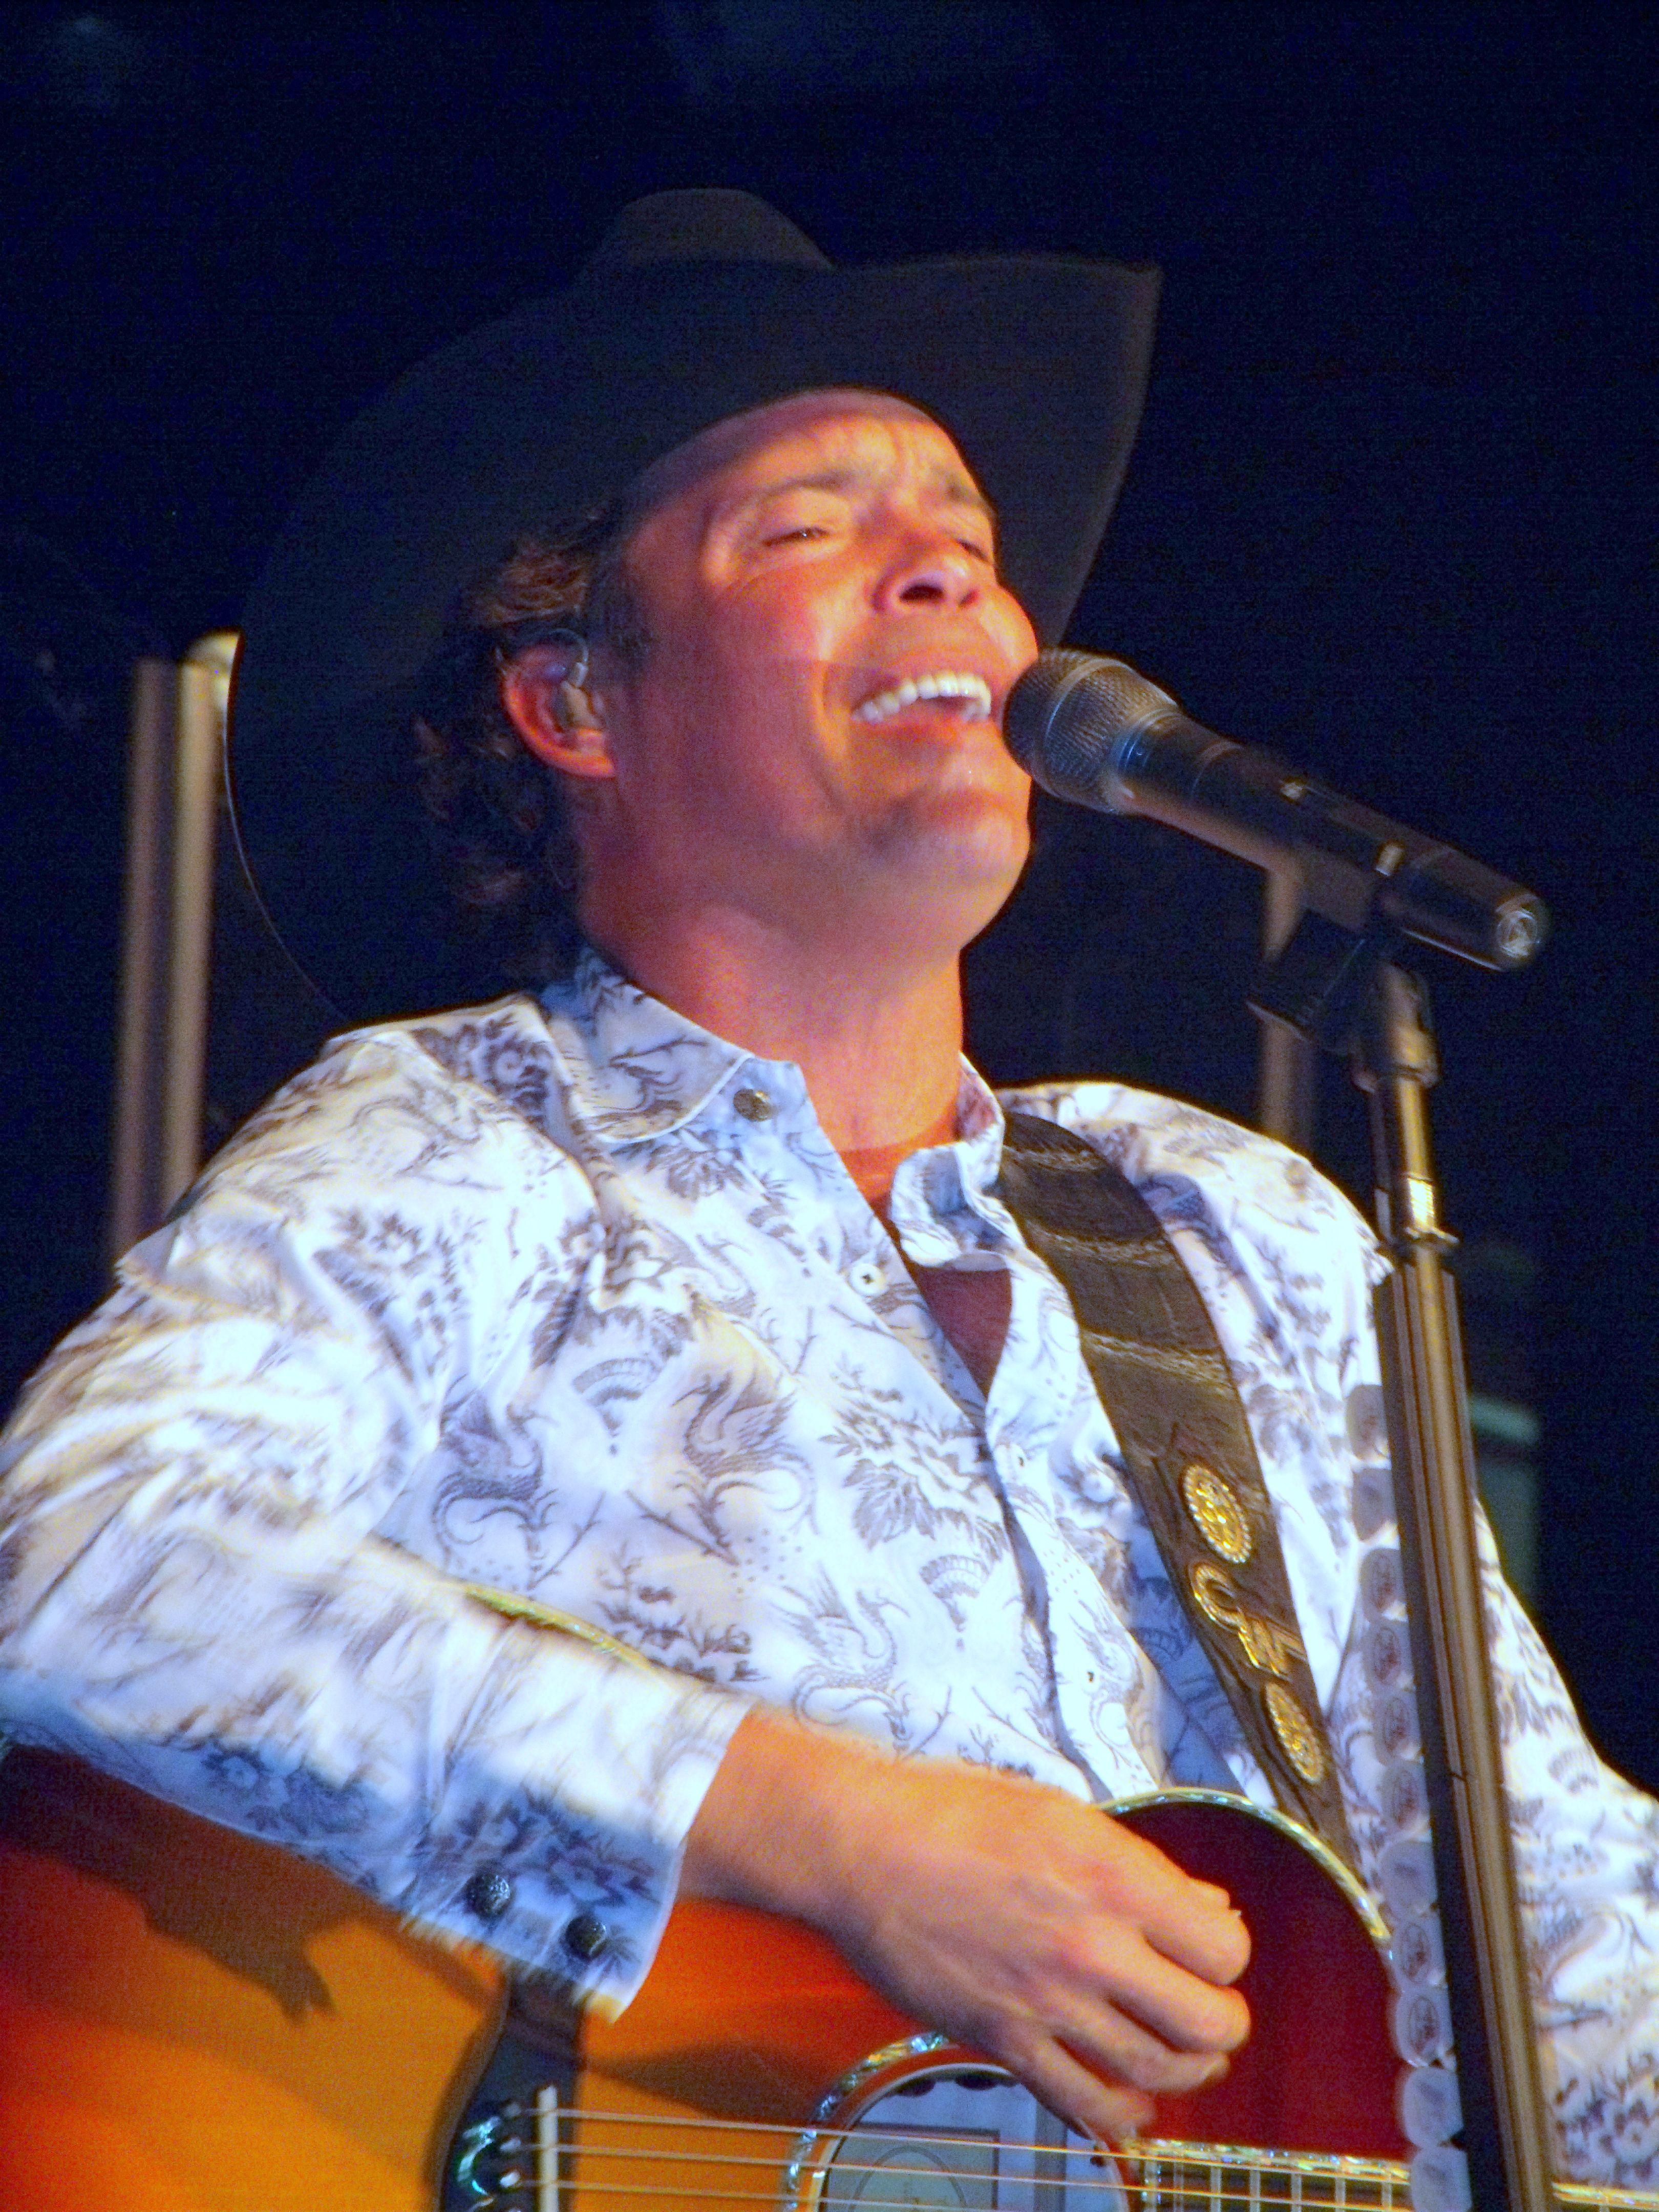 Clay walker oklahoma city oklahoma country music